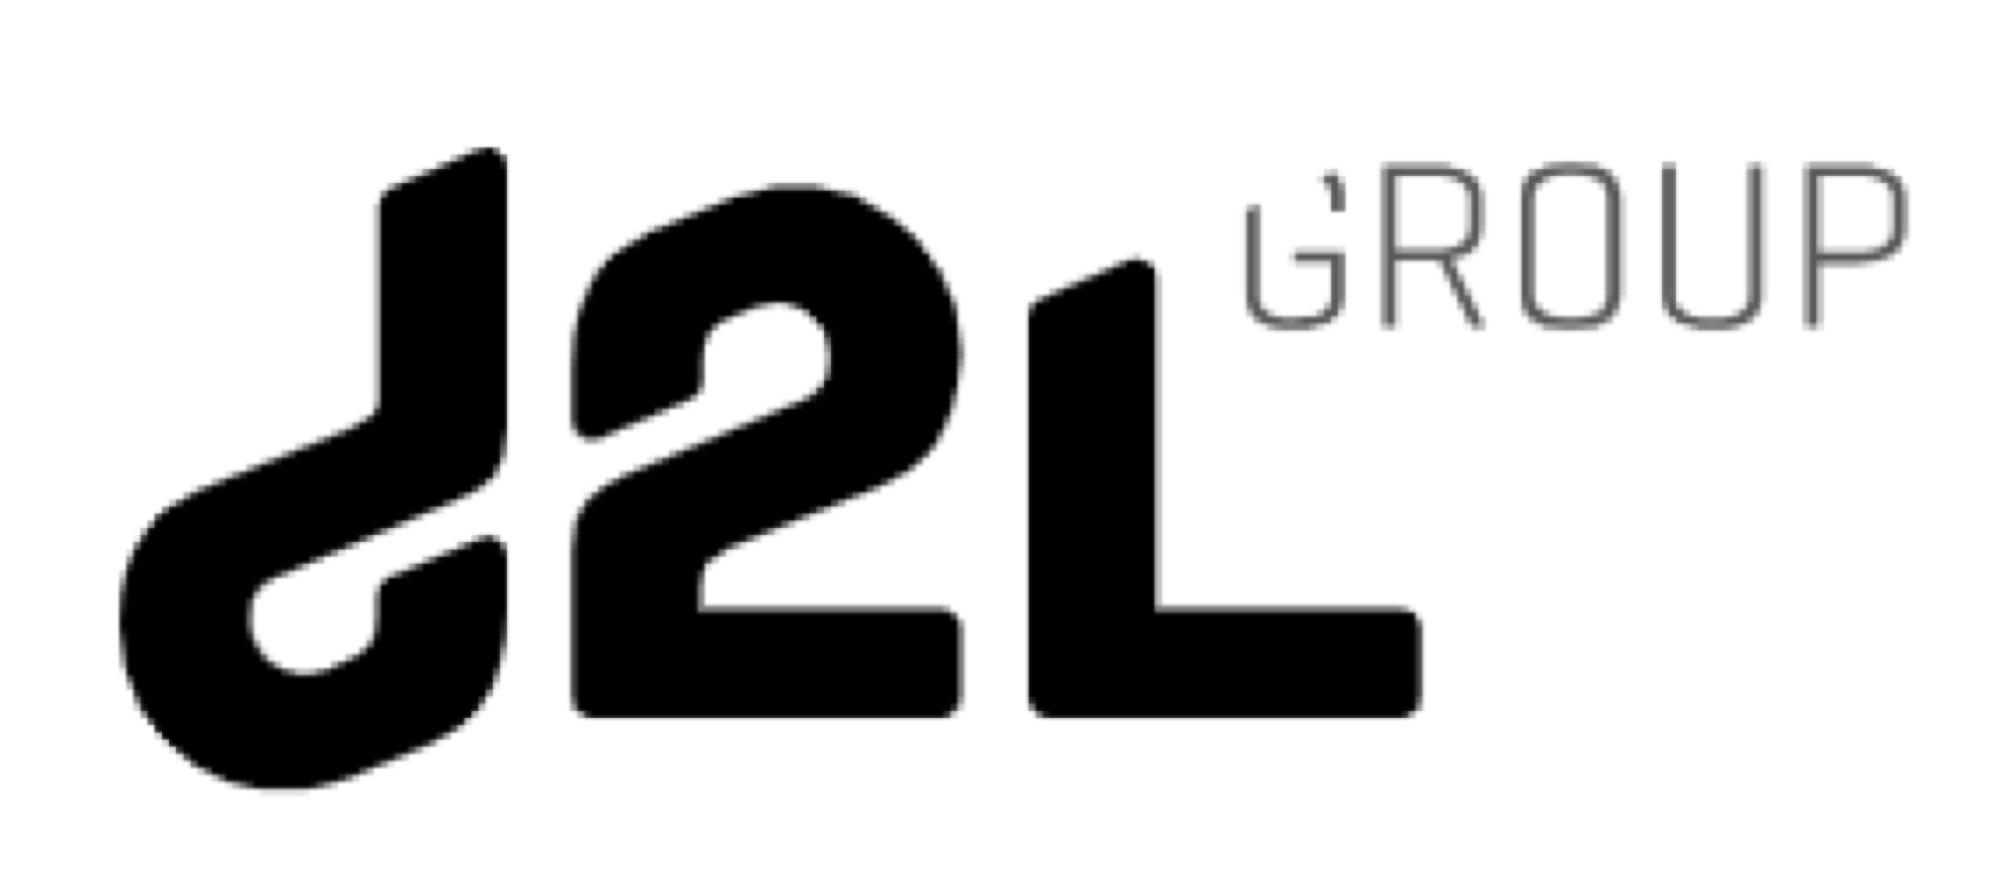 logo client cegi d2l